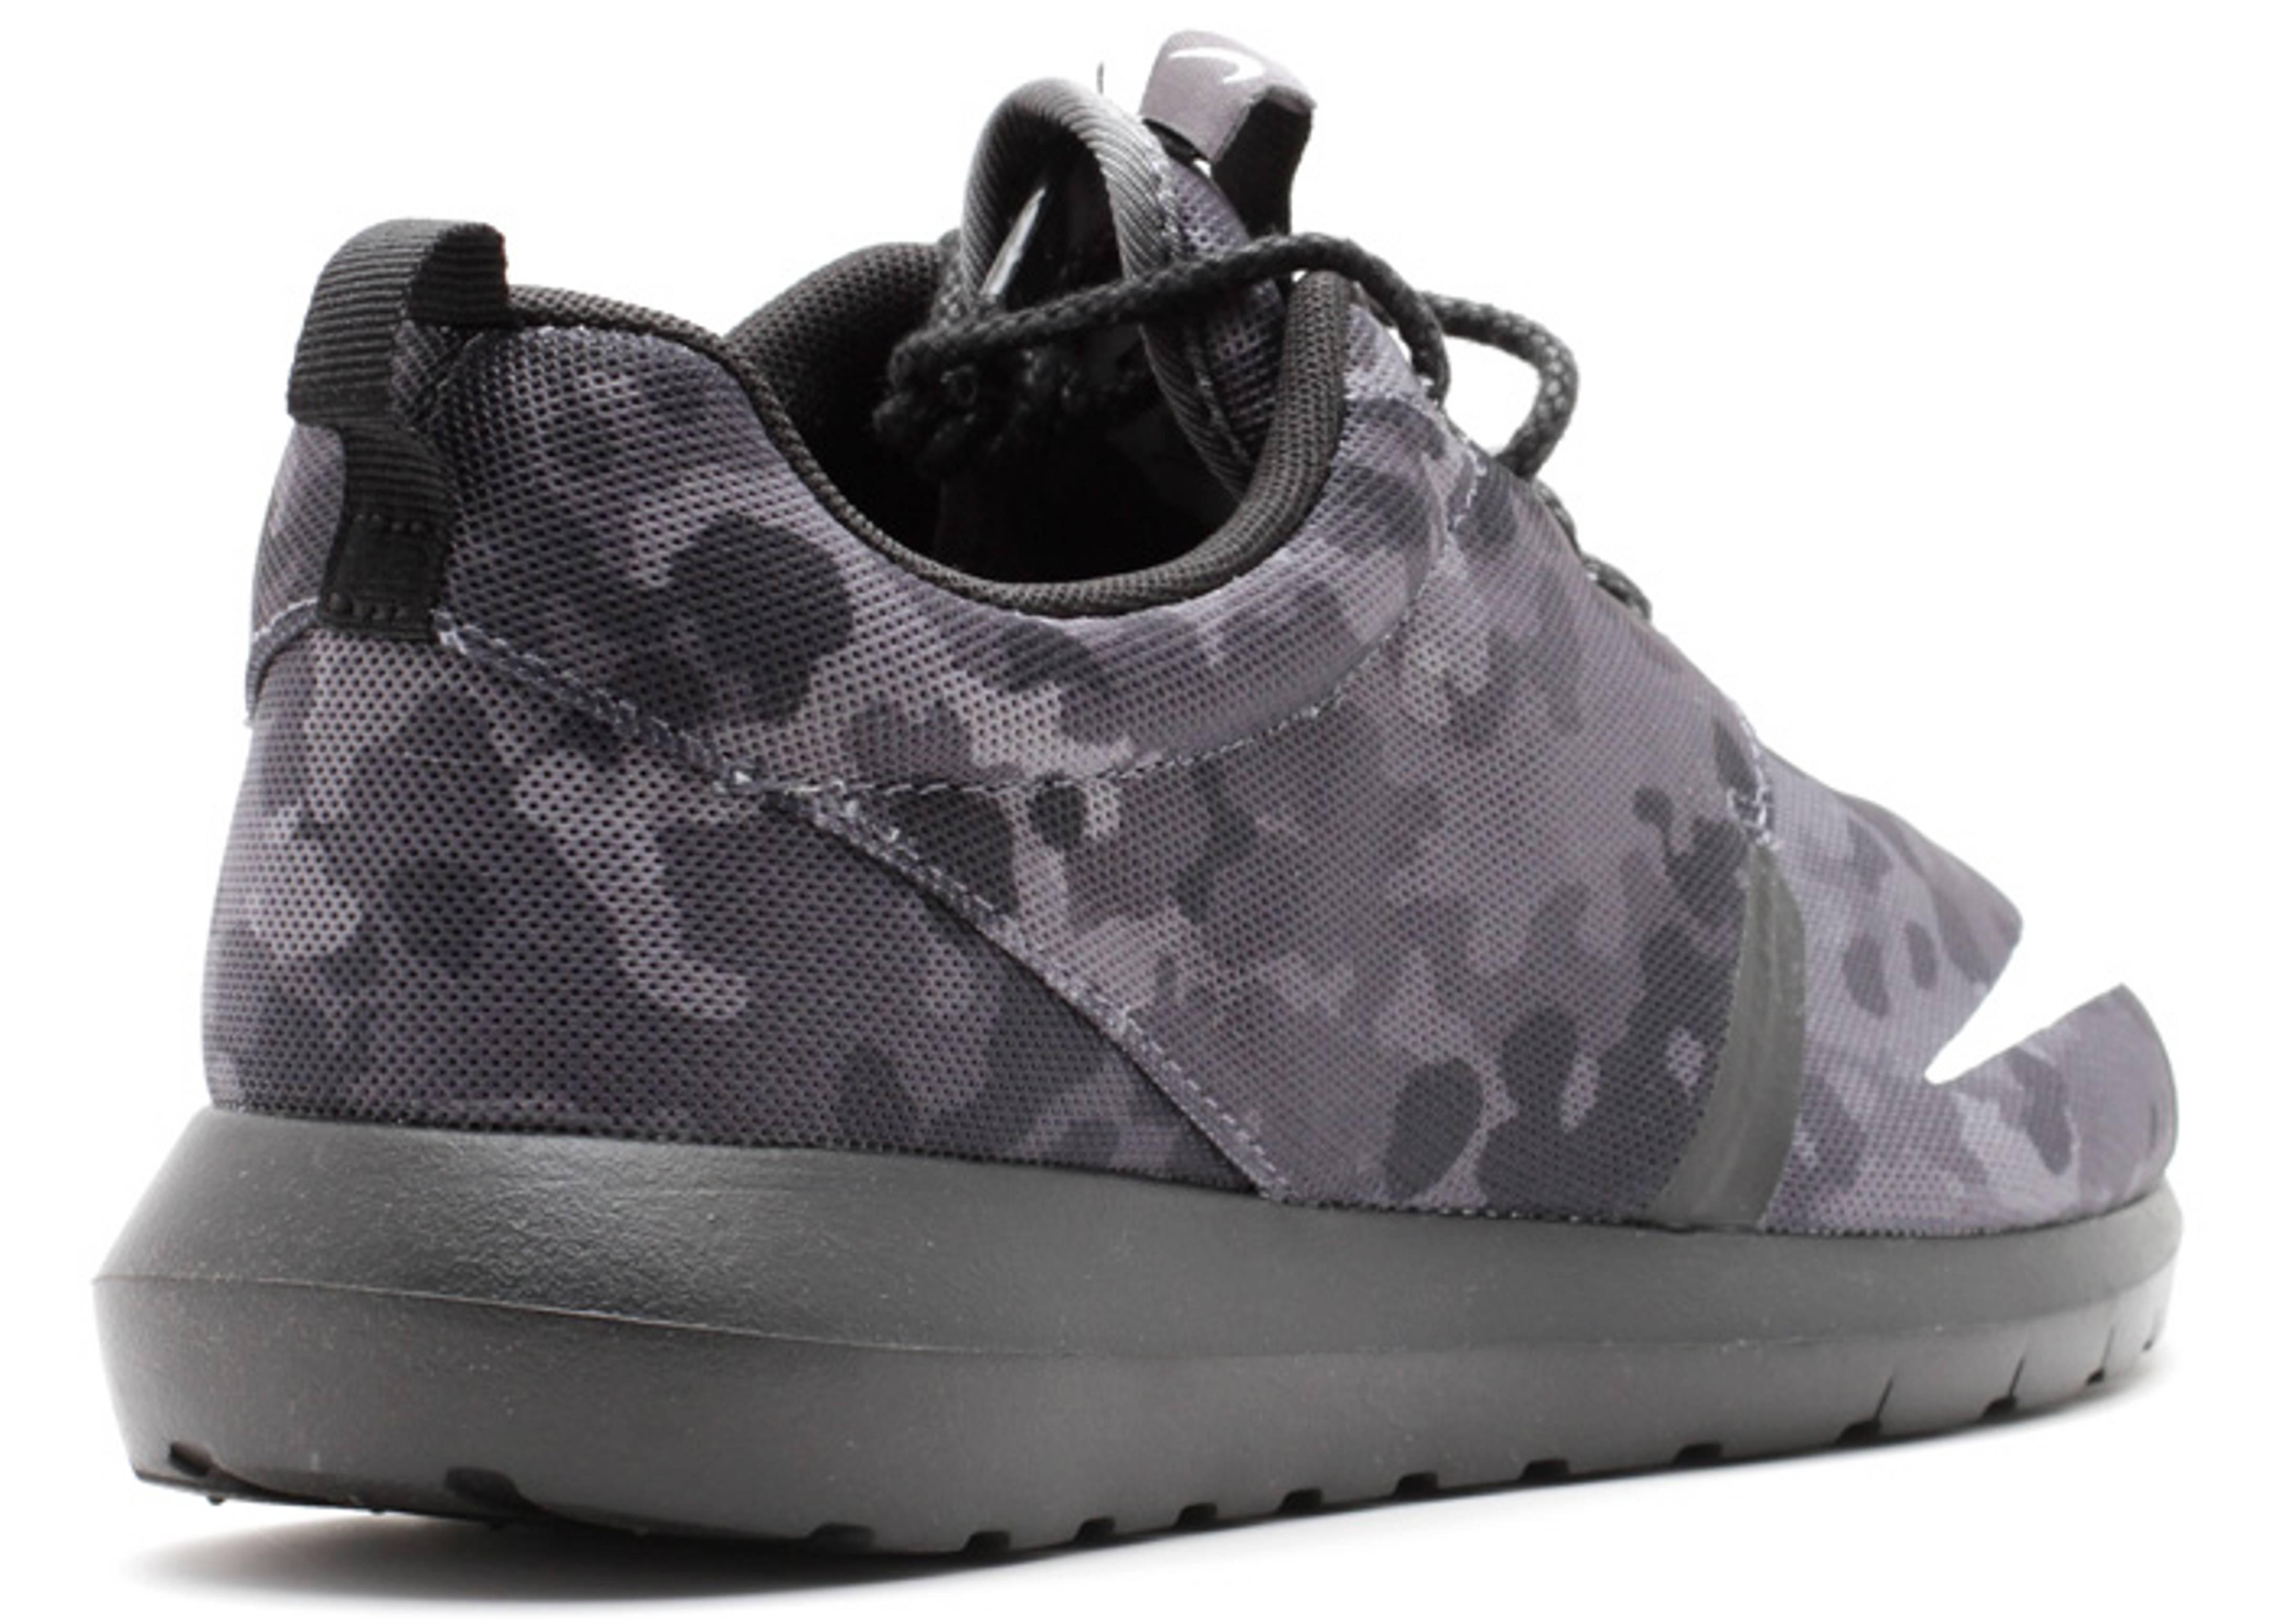 aa06a628825f Rosherun Nm Fb - Nike - 685196 001 - dark grey ivory-black